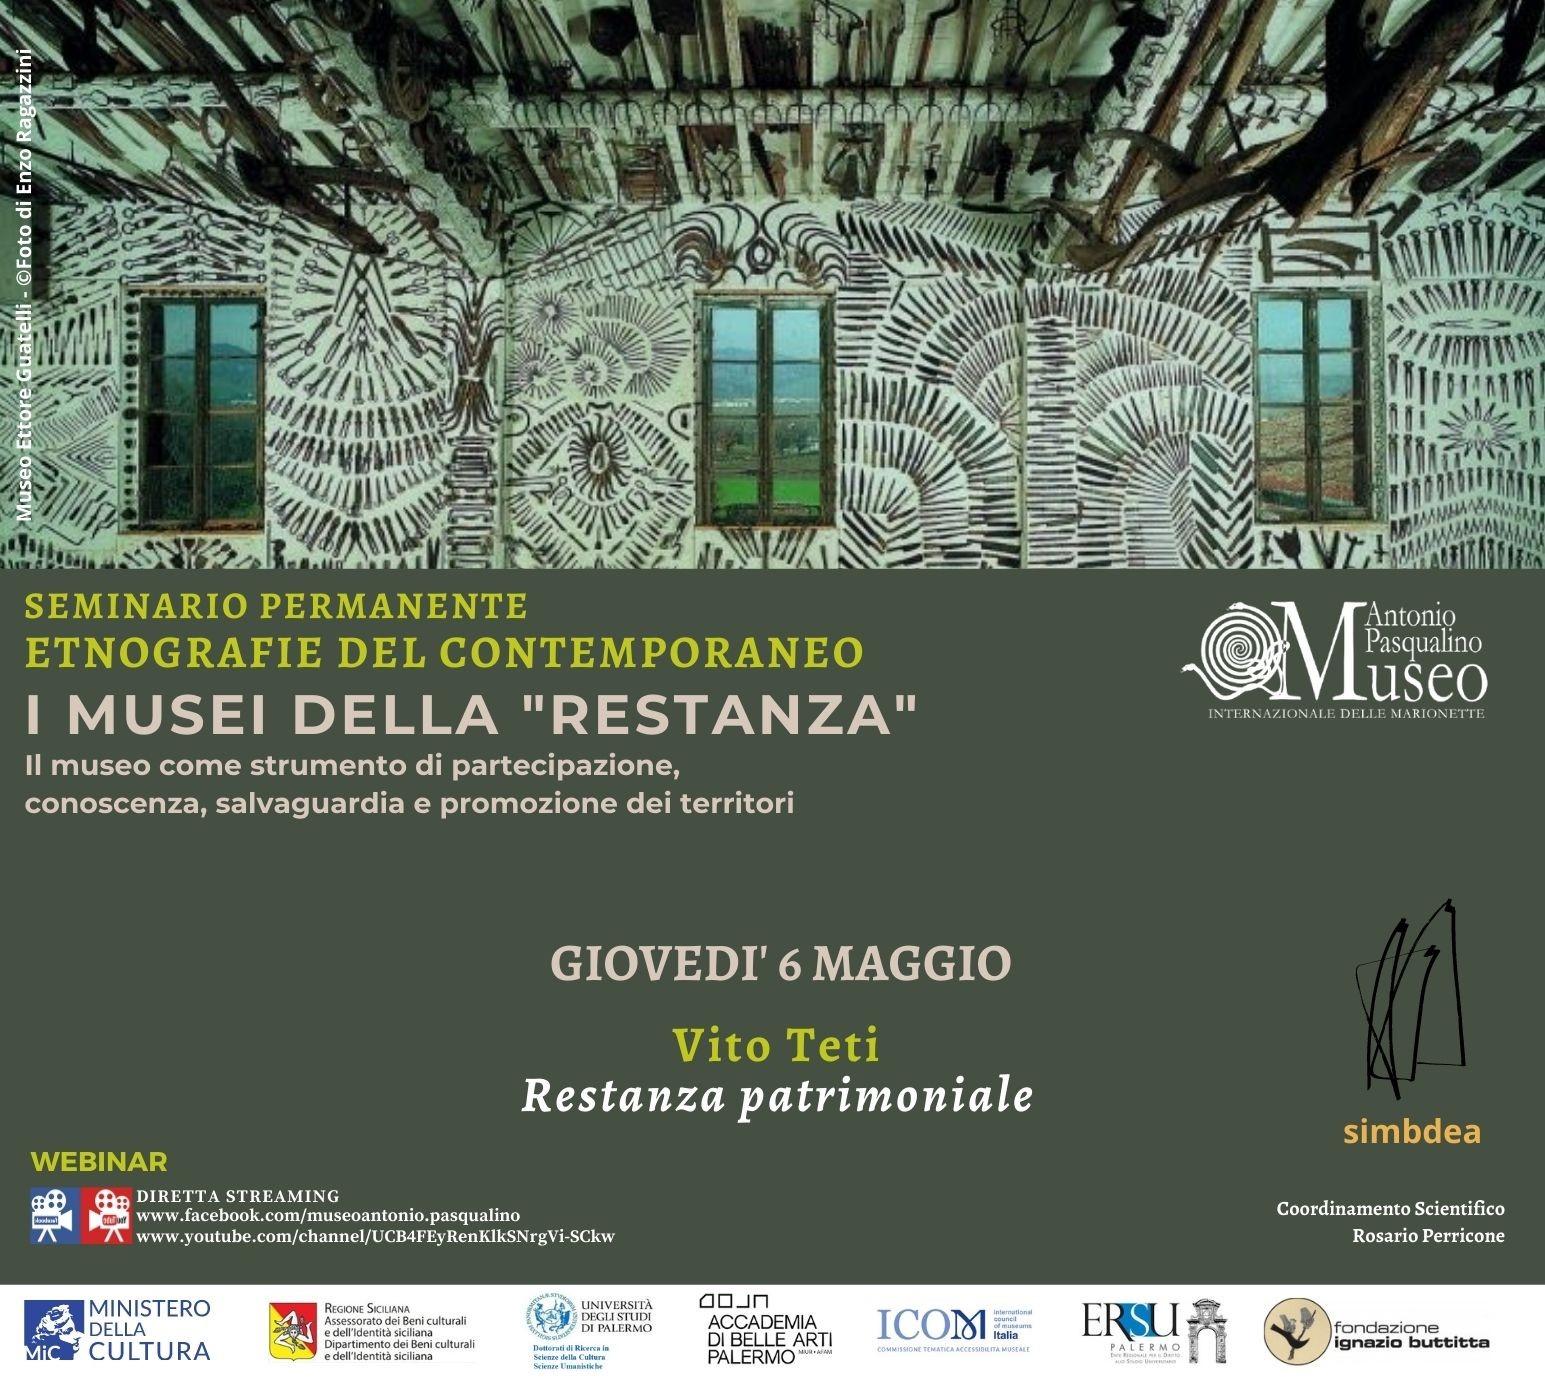 Vito_Teti_Musei_della_restanza.jpg - 500.93 kB